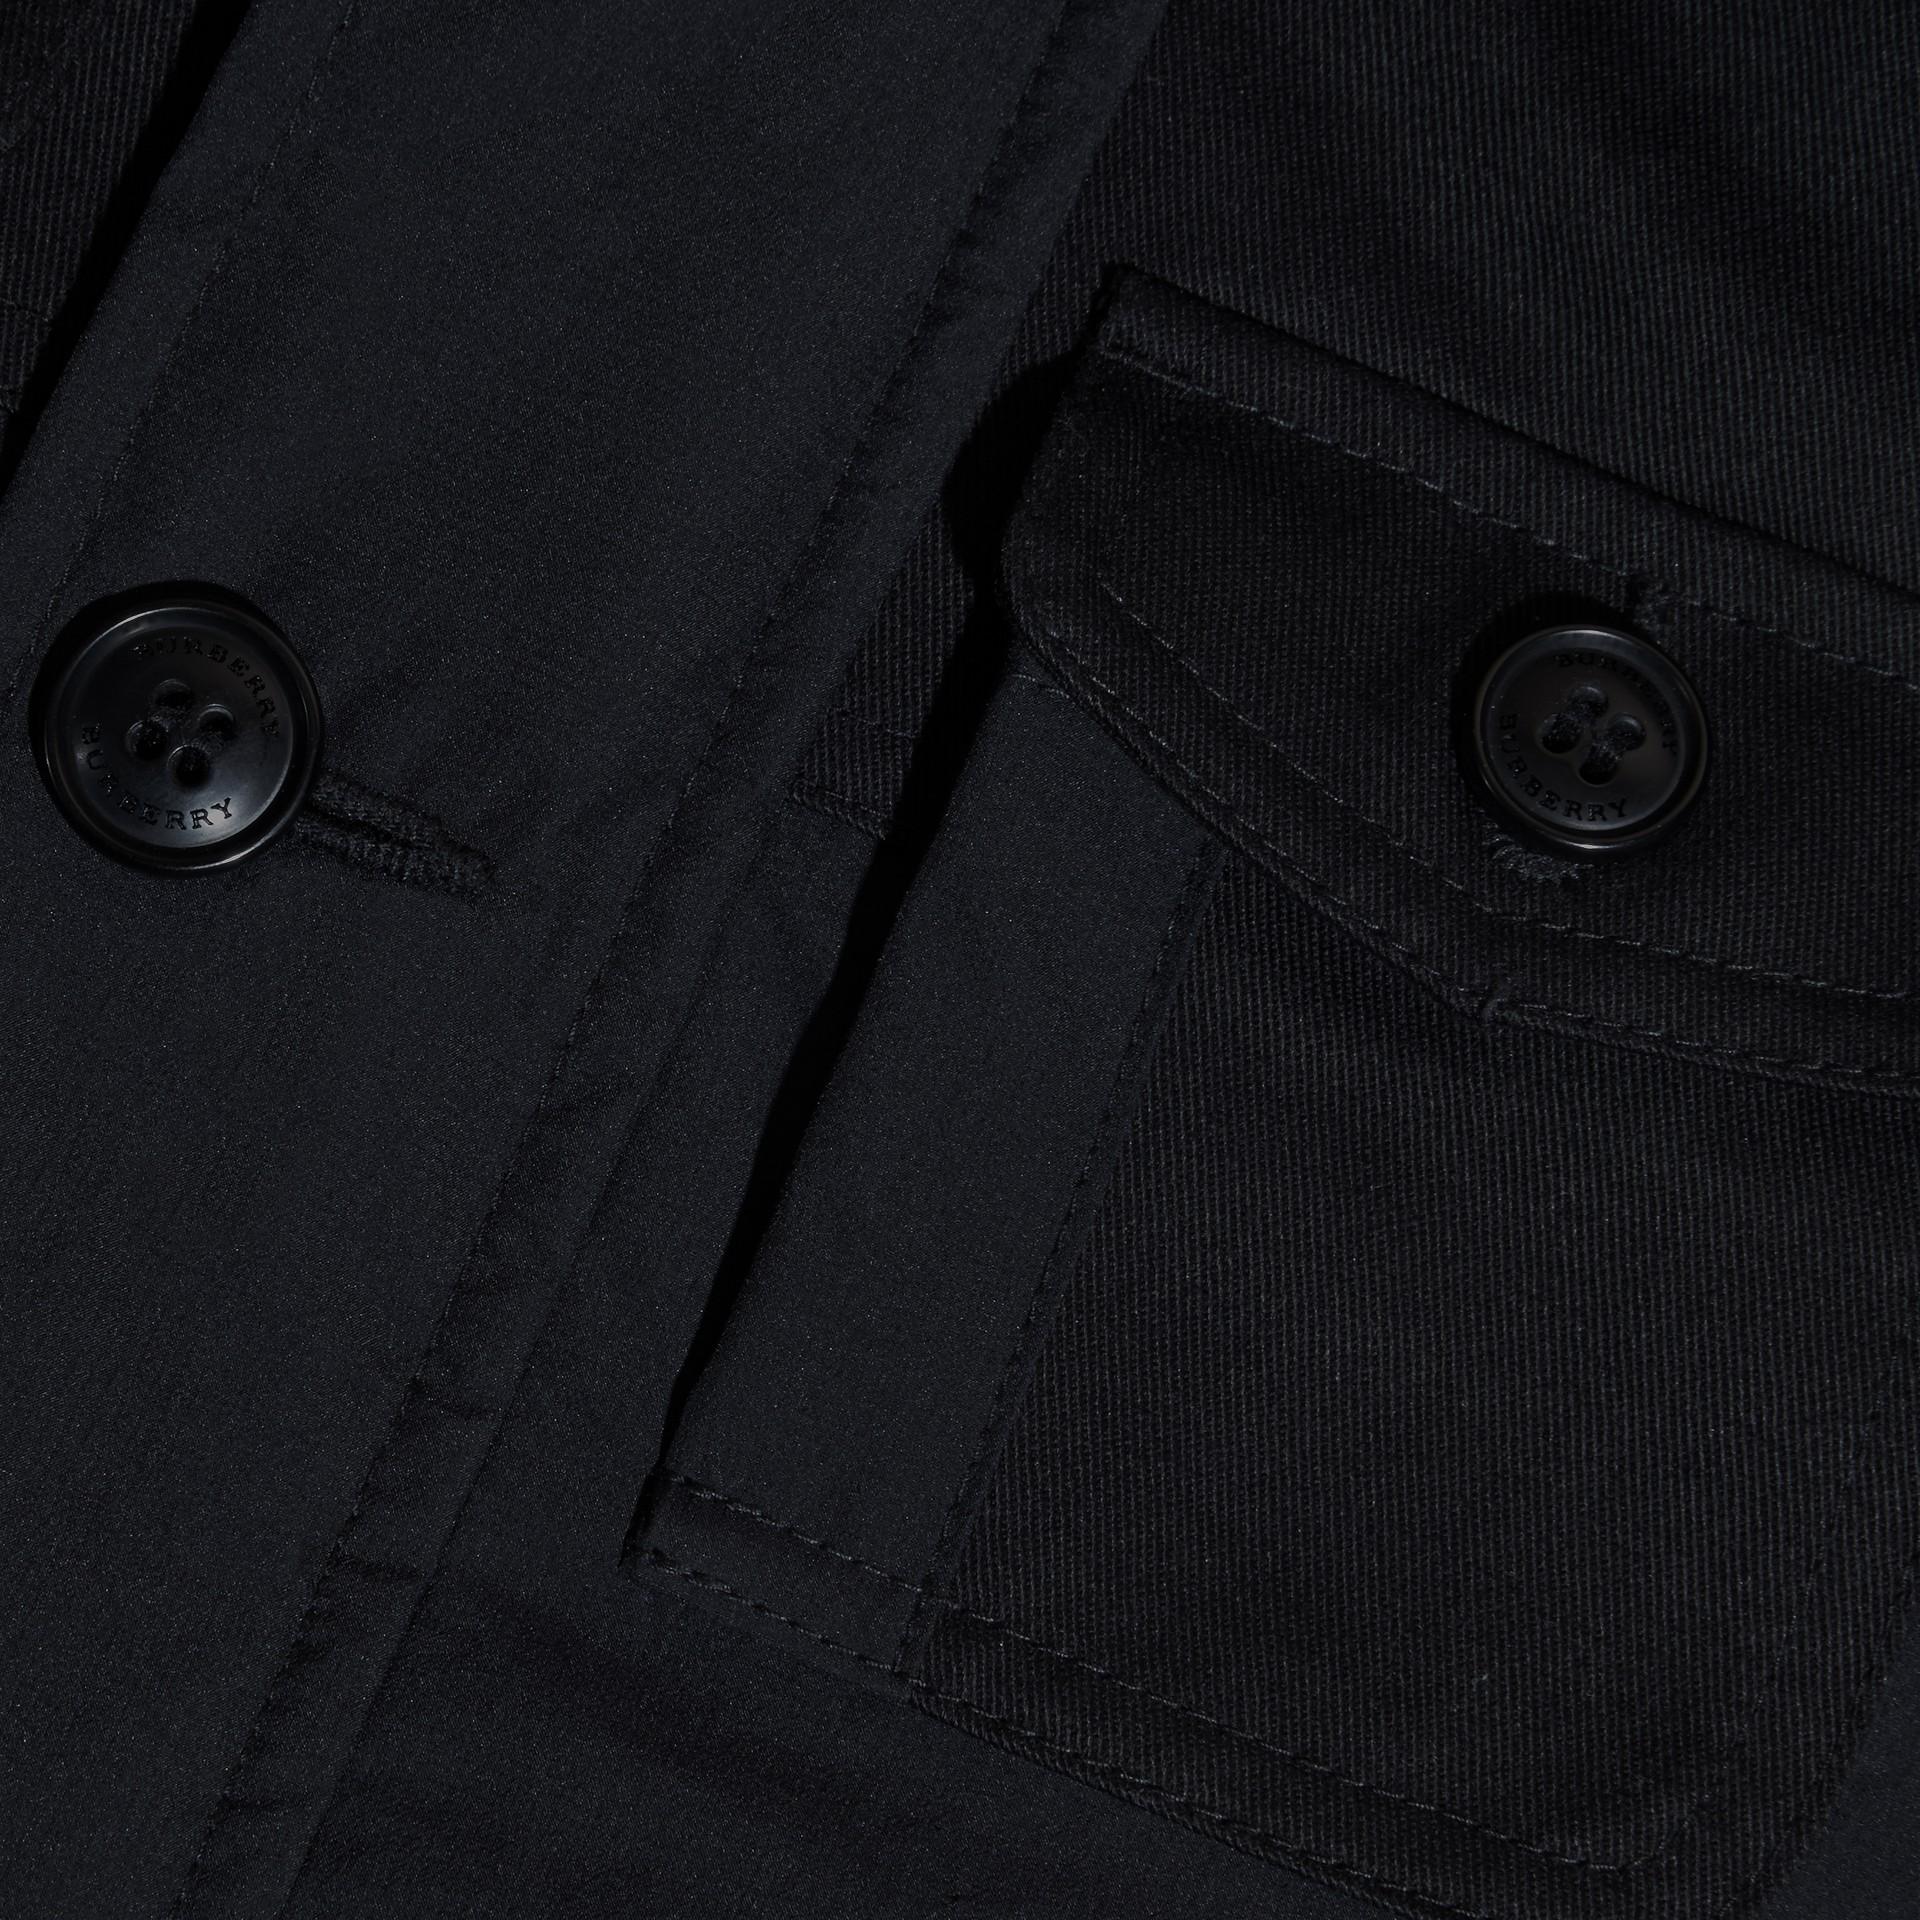 Schwarz Jacke aus technischer Faser mit abnehmbarer Kapuze - Galerie-Bild 2